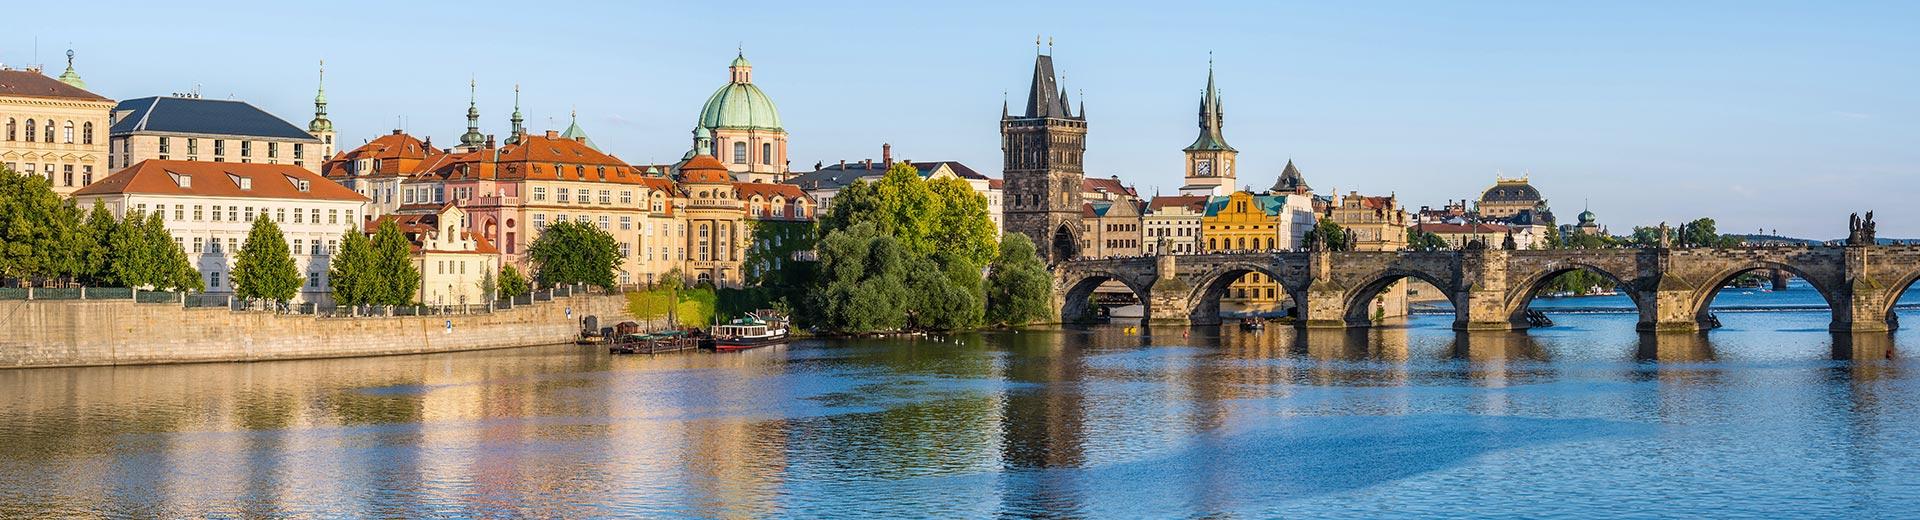 Gruppenreise Prag - Package Gruppen Select Flug